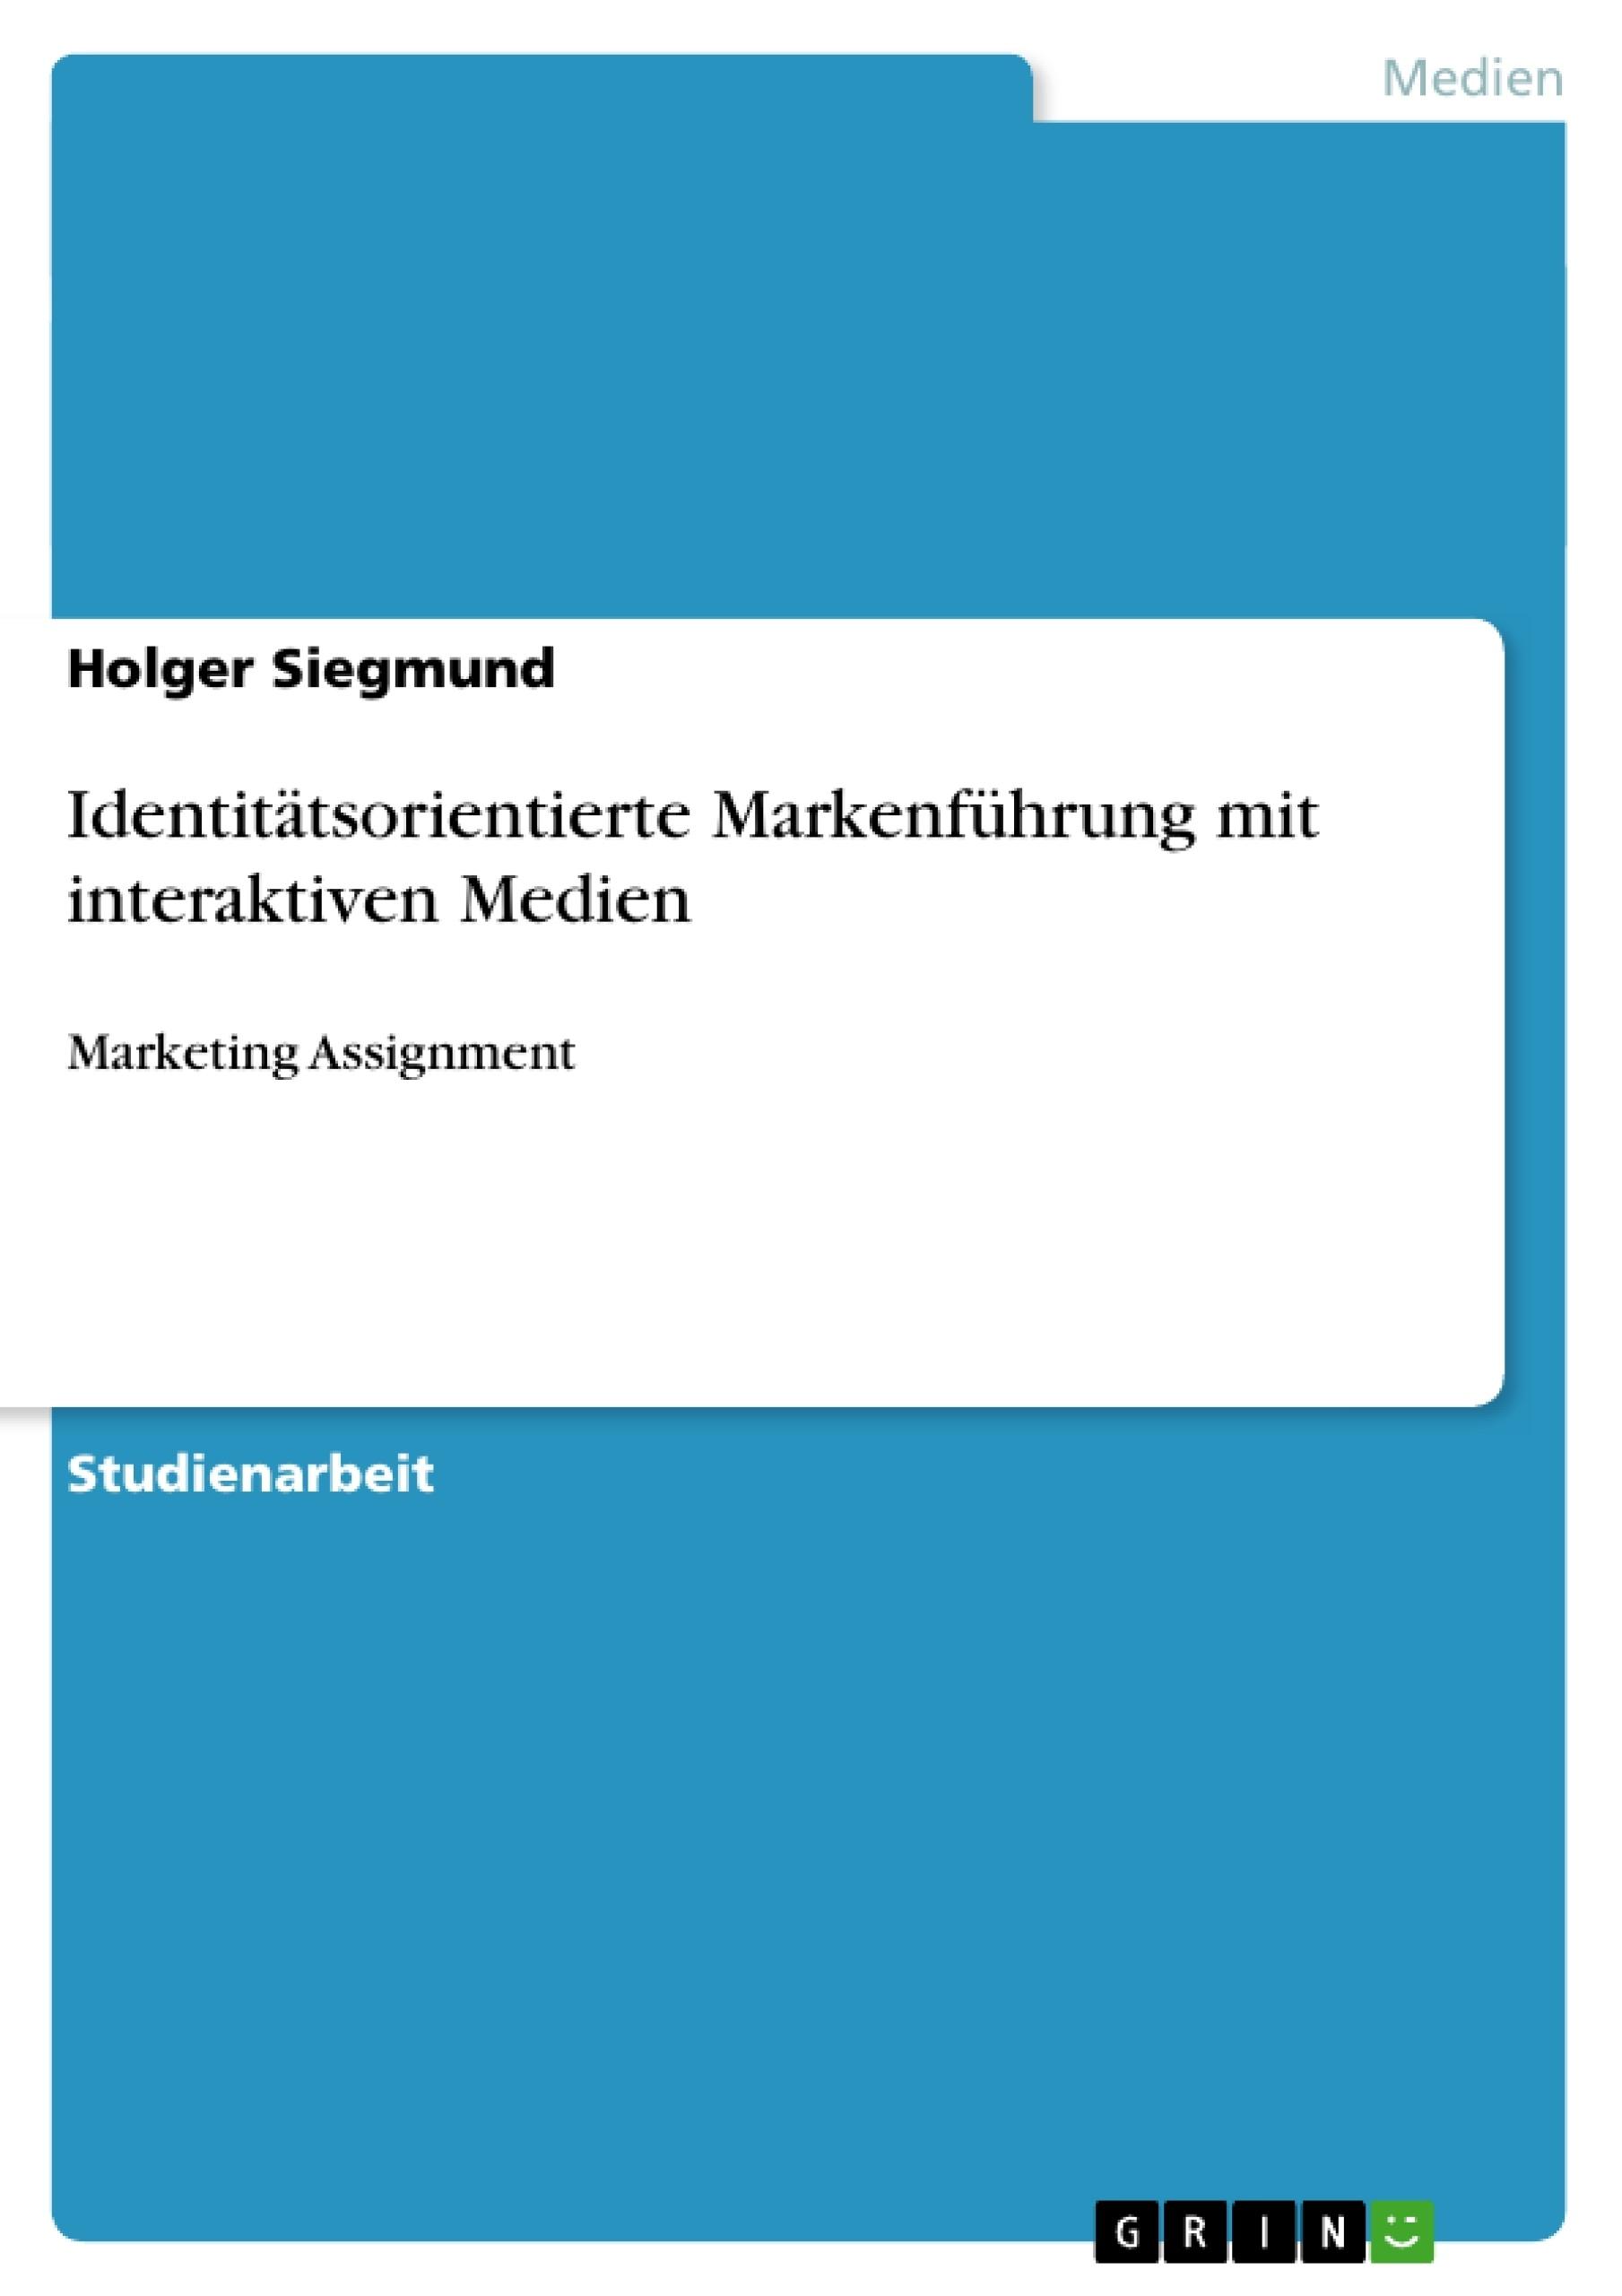 Titel: Identitätsorientierte Markenführung mit interaktiven Medien